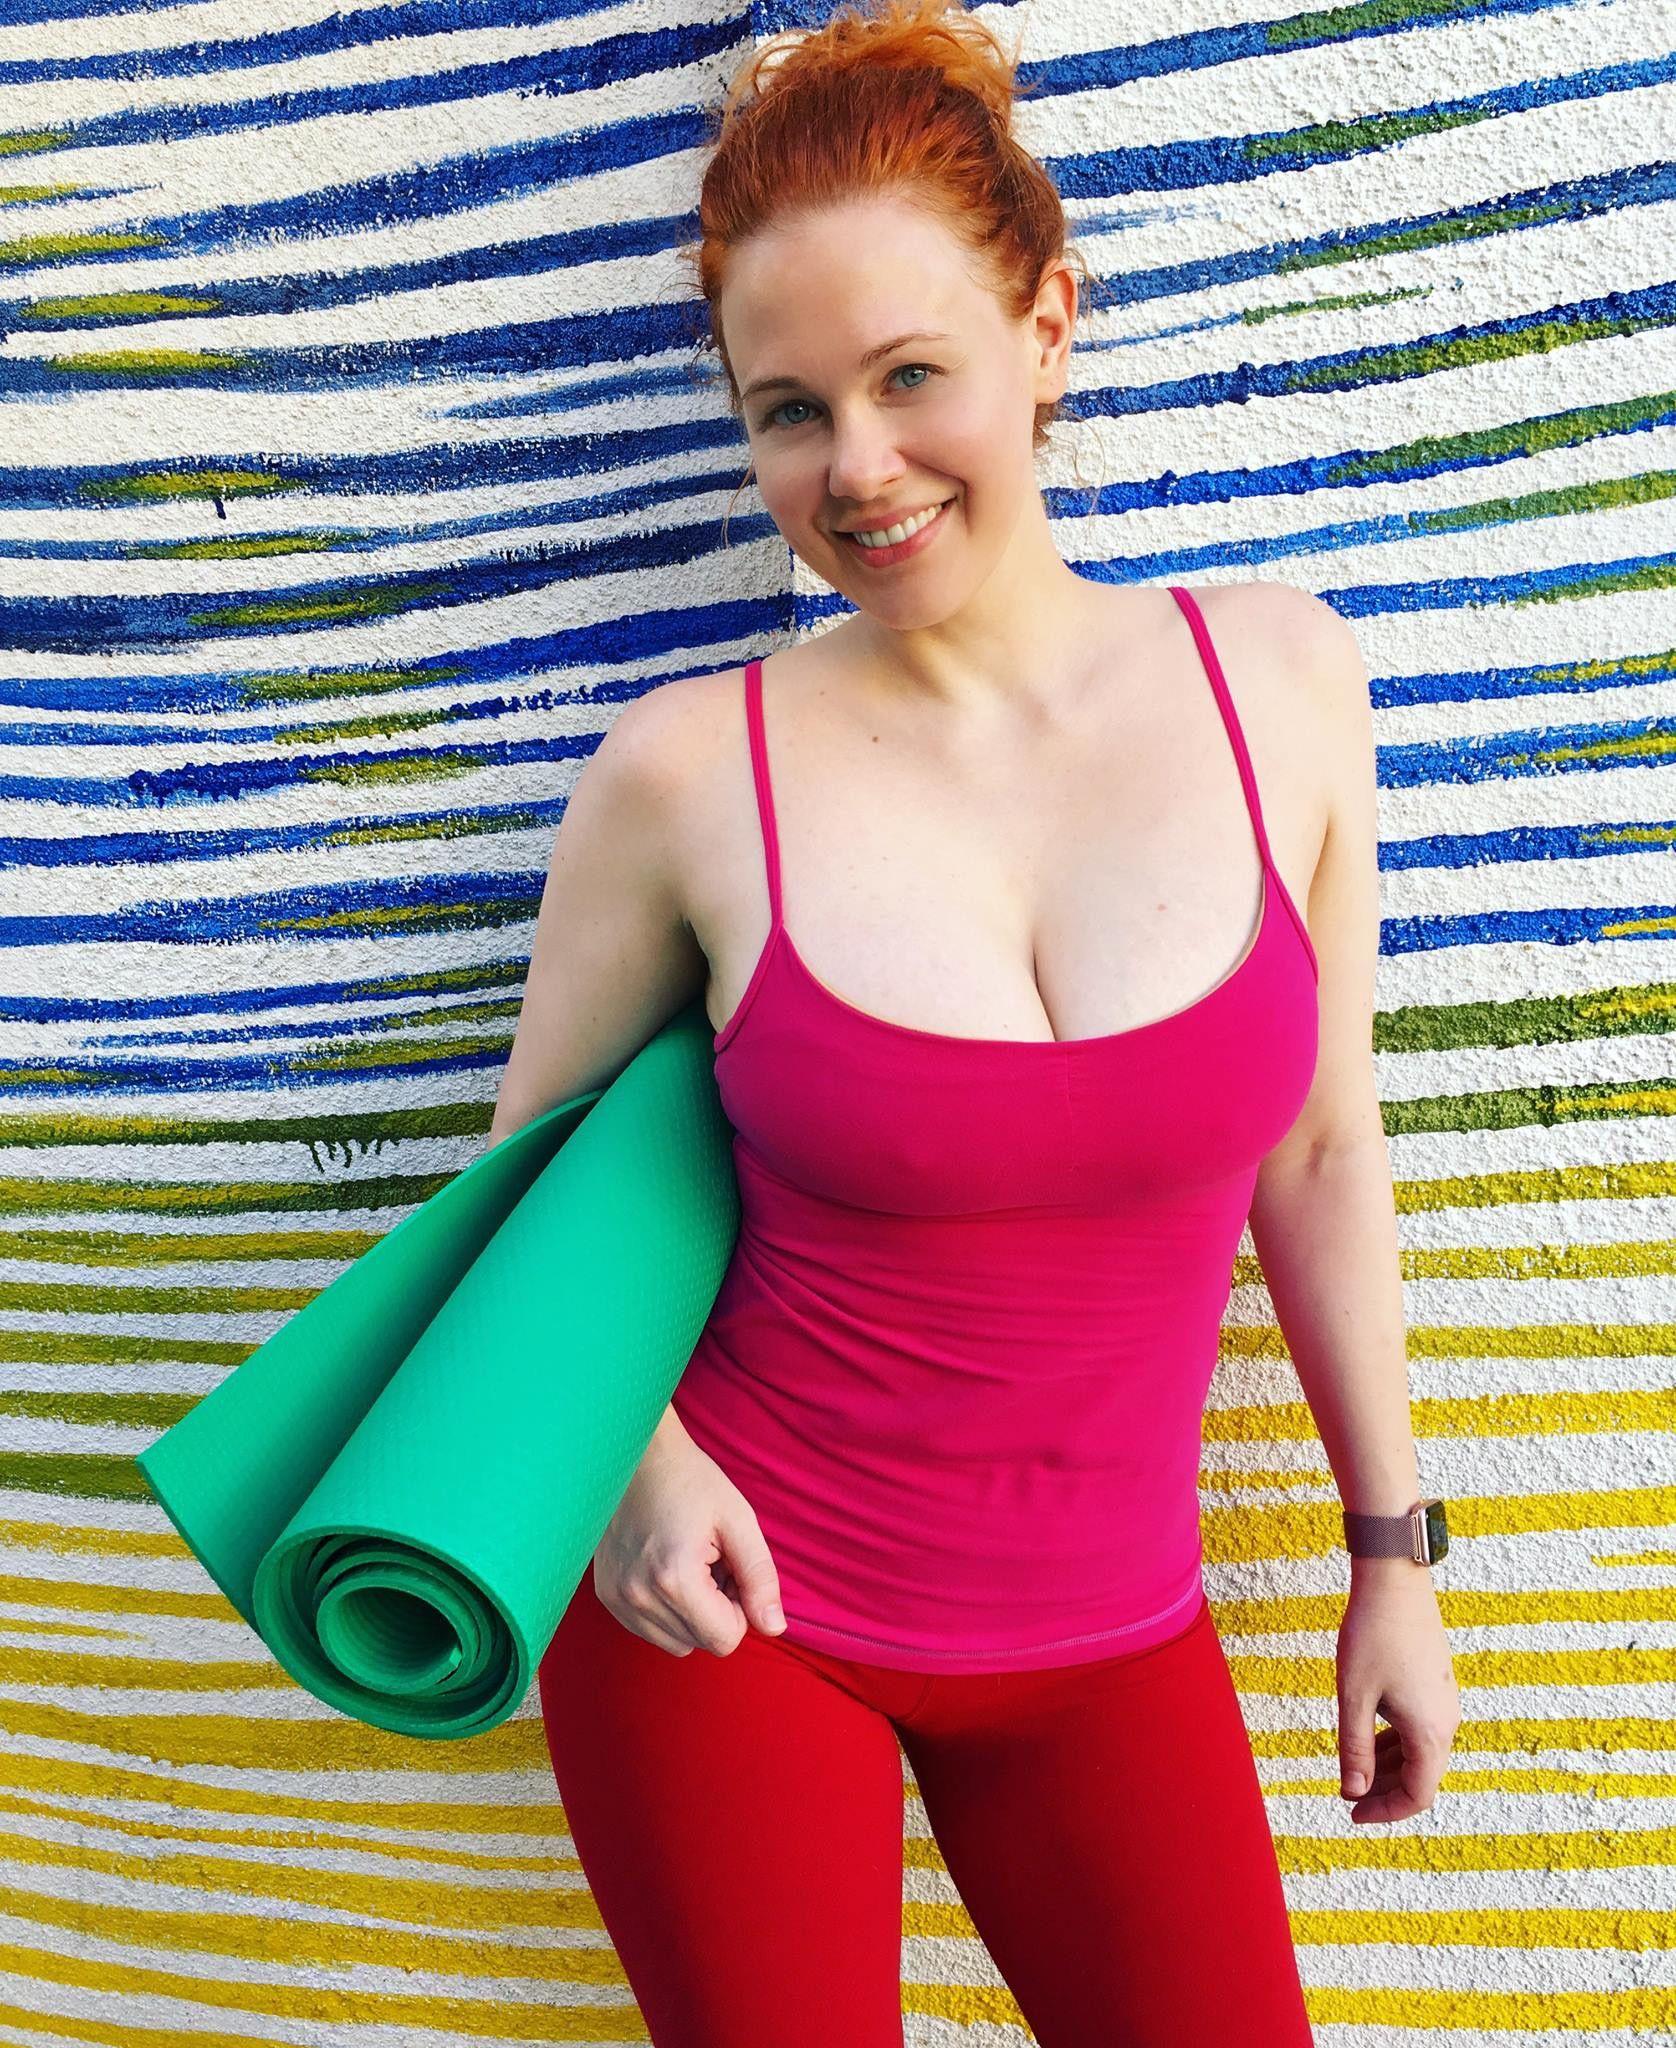 Communication on this topic: Pia mia perez braless photos, heidi-klum-topless-2/